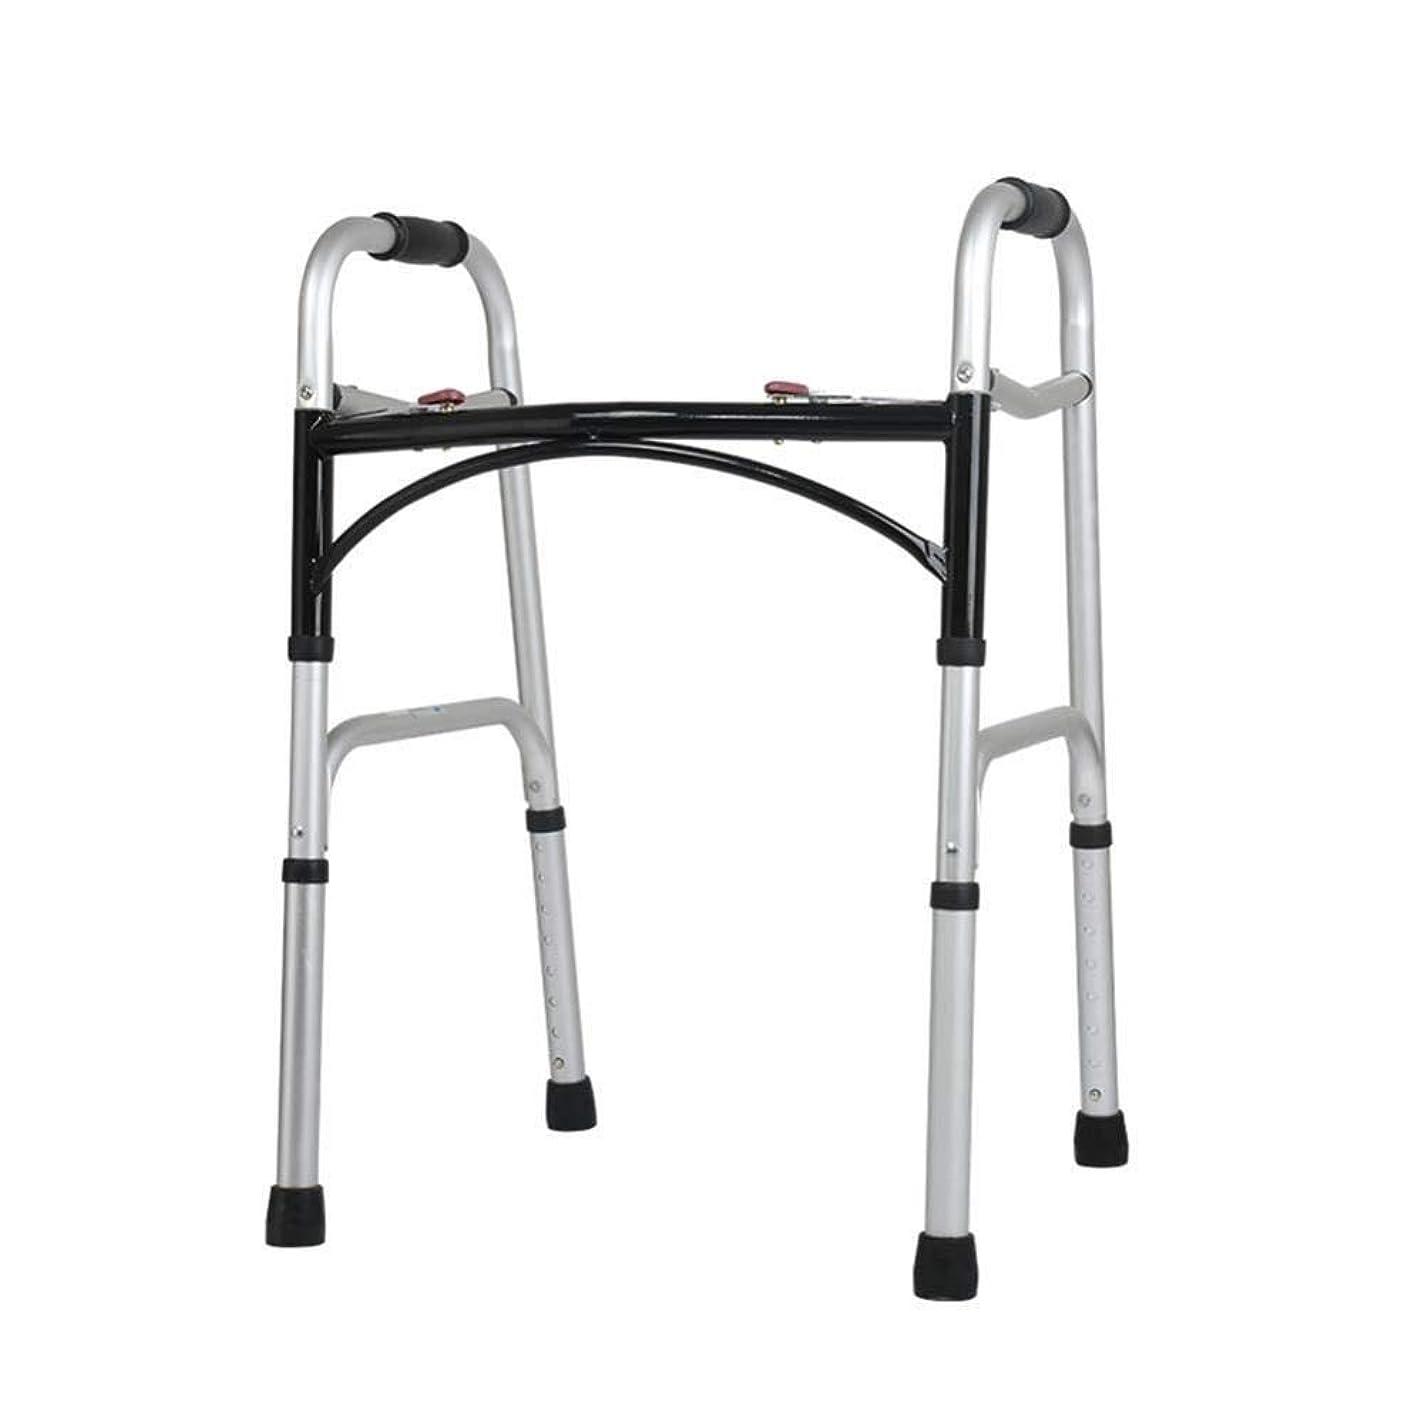 流用するクラウドネイティブ非車輪付き折りたたみ歩行フレーム、多機能高齢者歩行ブラケット無効双腕歩行器